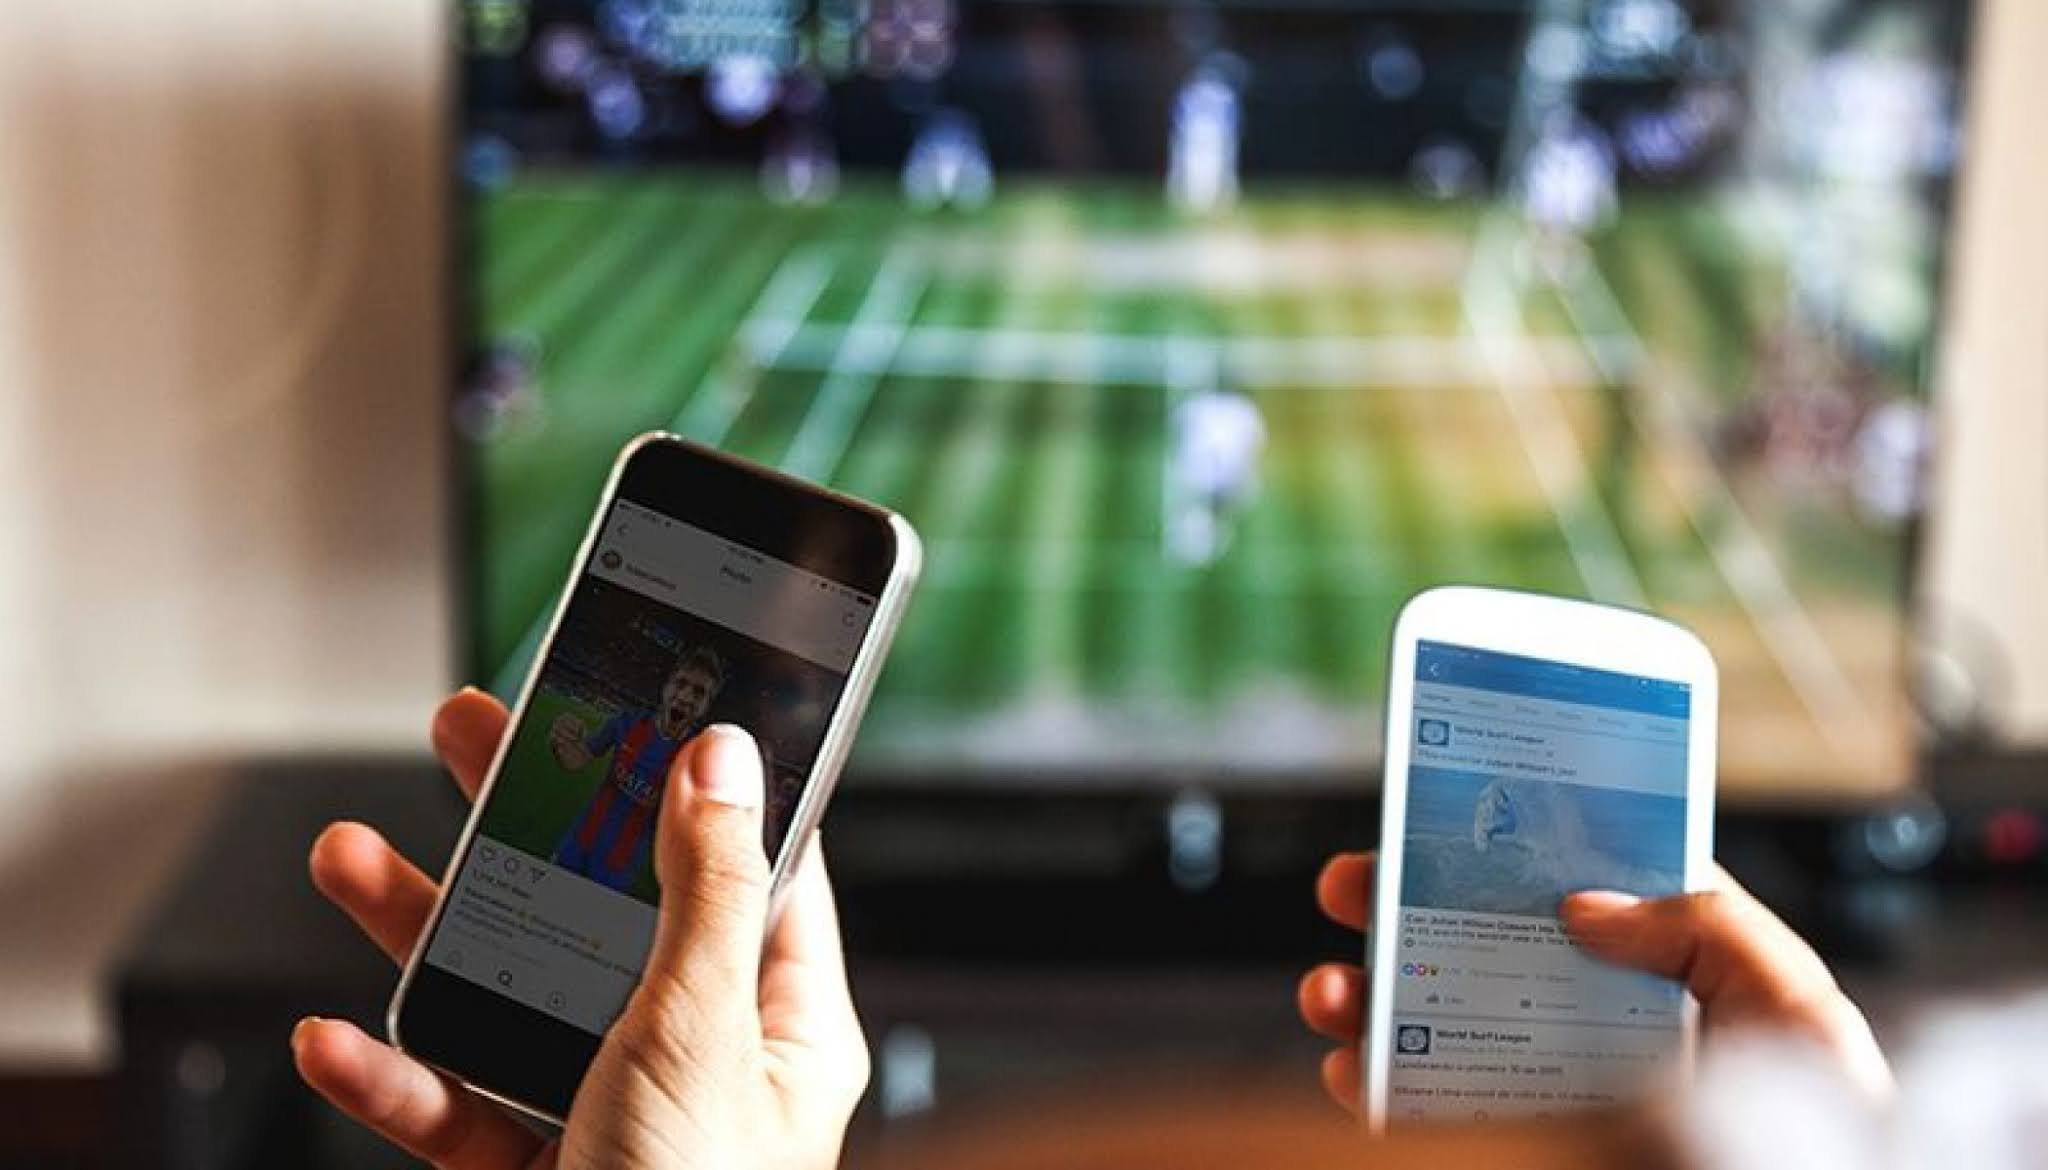 El Gobierno anunció un plan básico universal obligatorio para telefonía, internet y tv paga